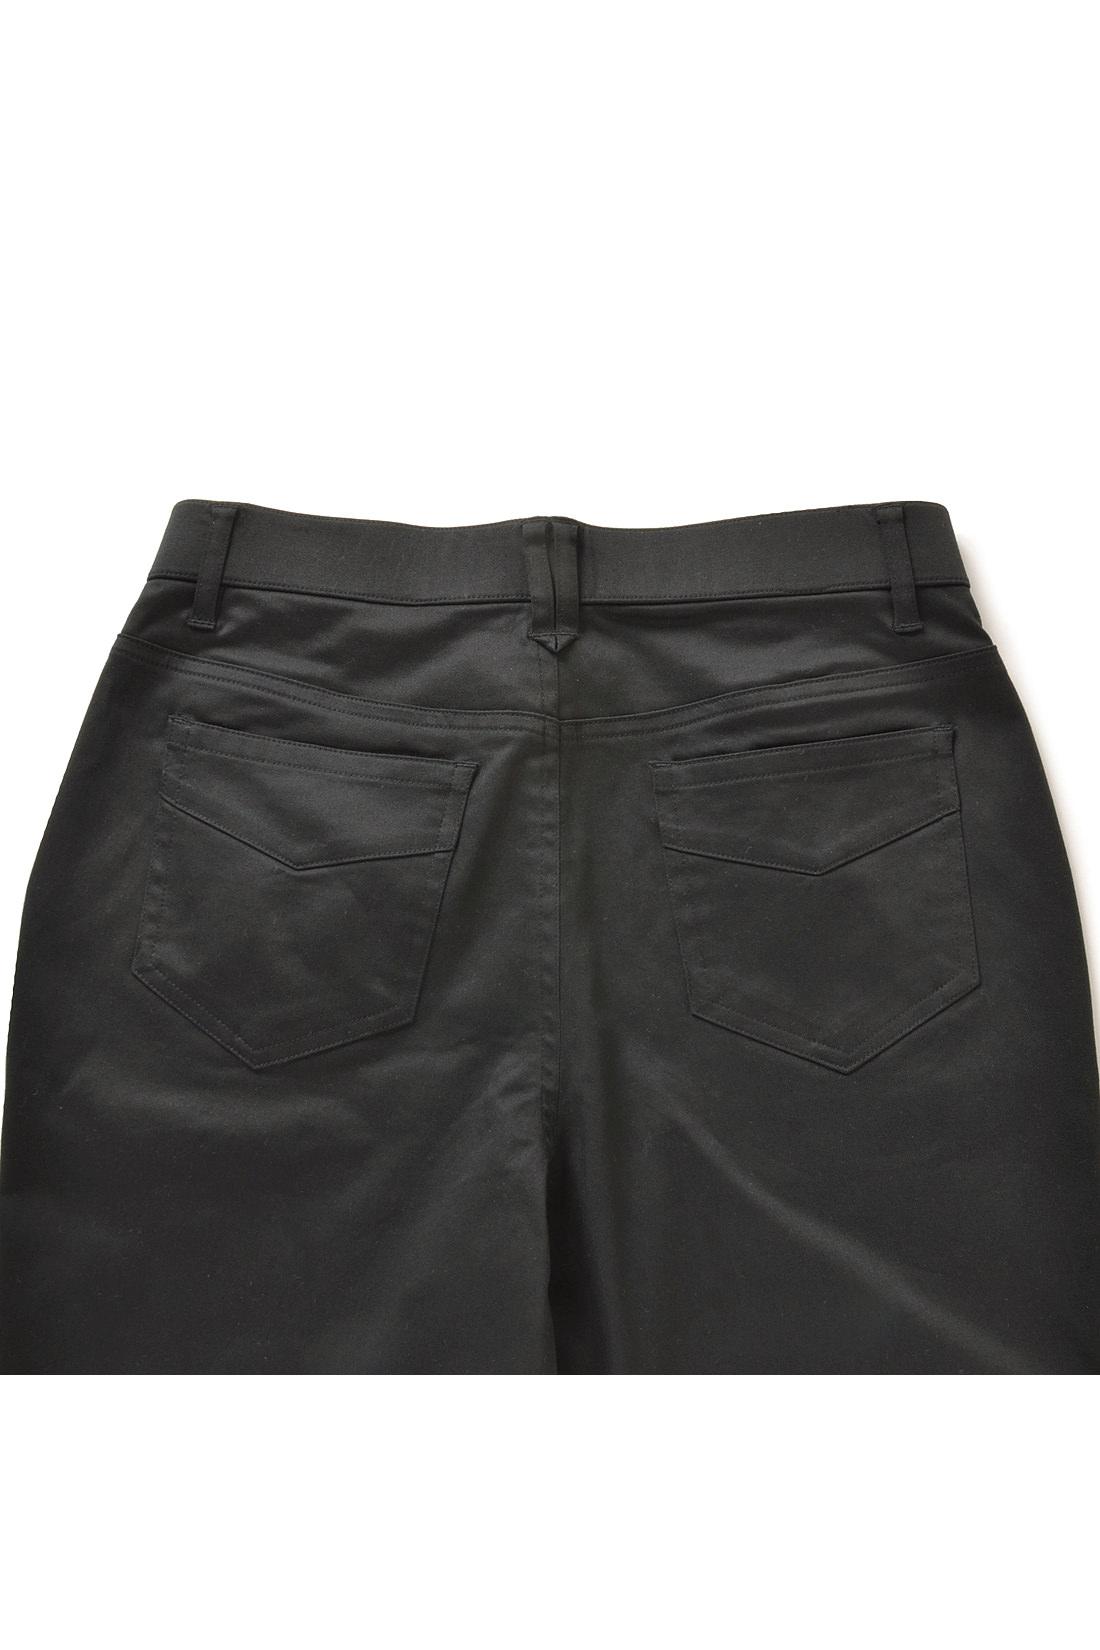 Back ヒップラインに沿うように高め位置に付けたポケットが美尻効果あり。